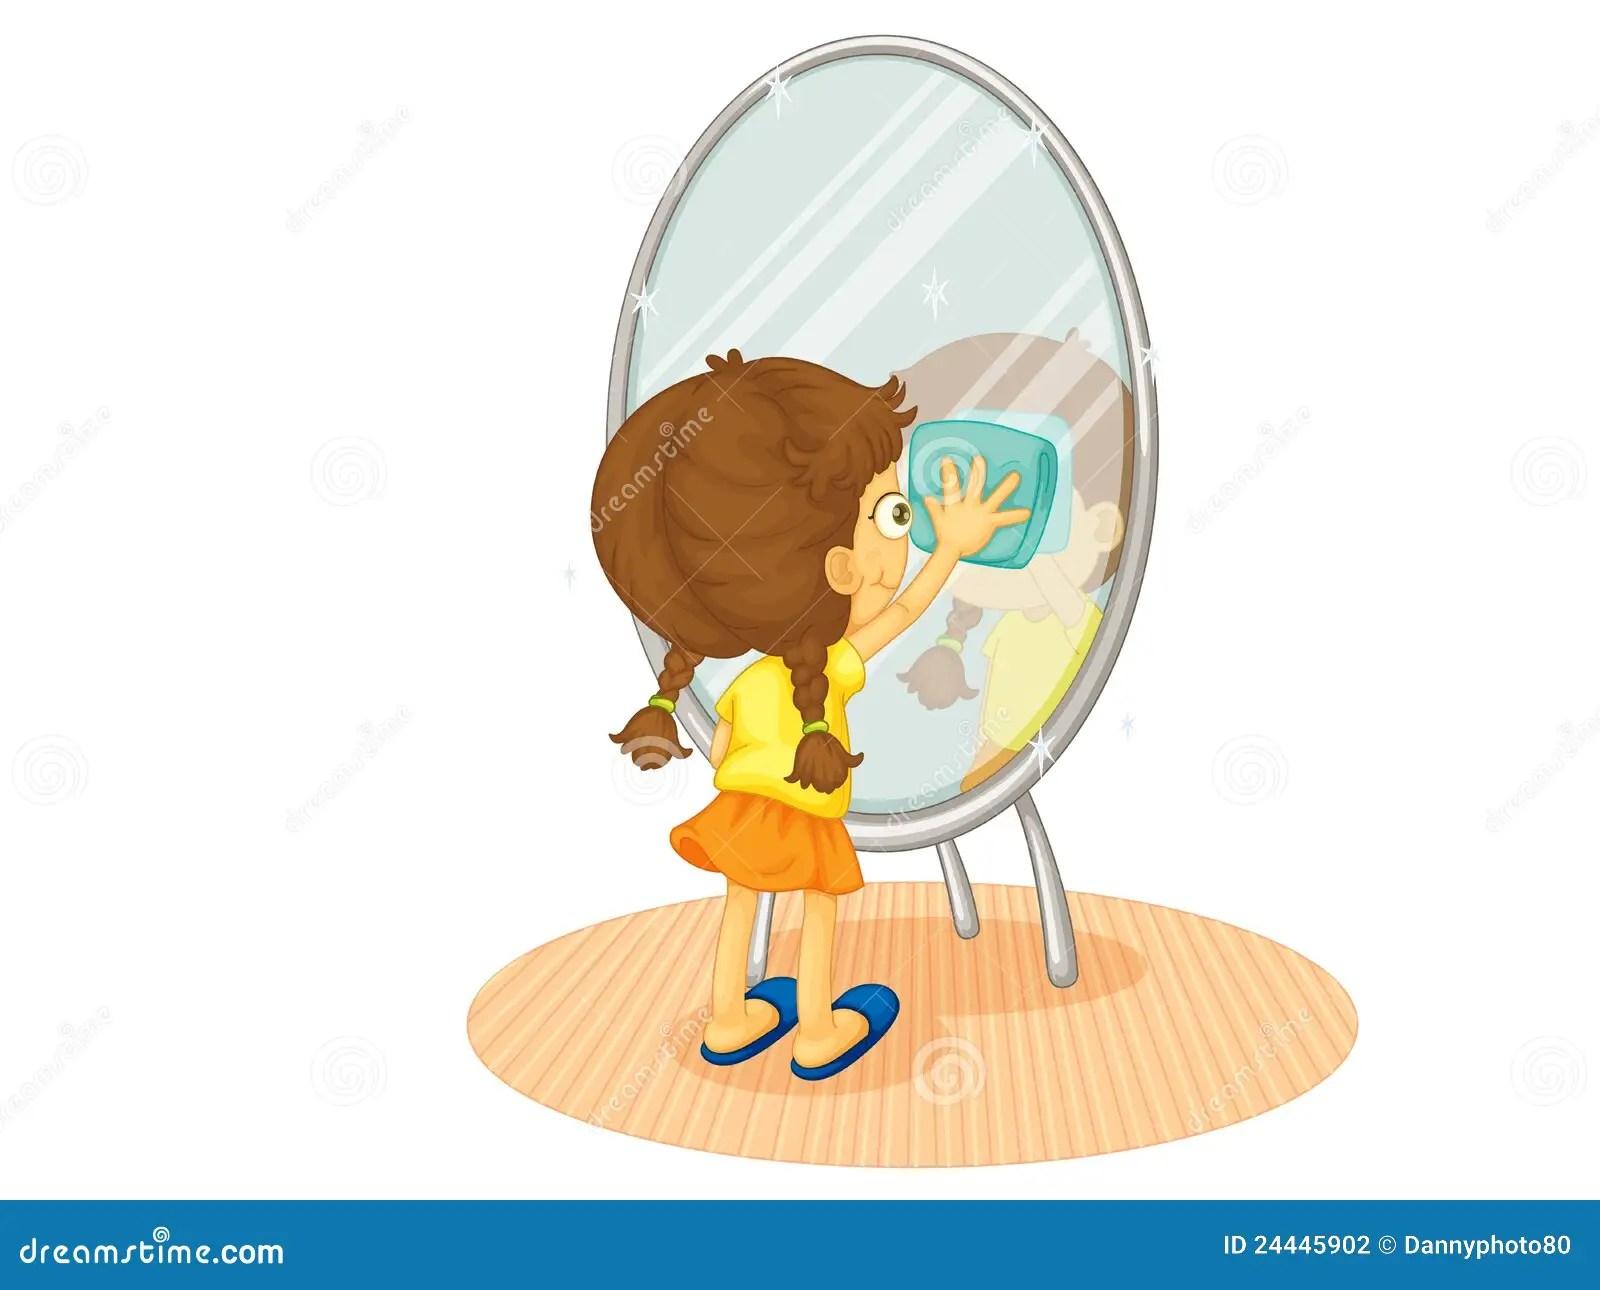 Bathroom Mirror Clip Art